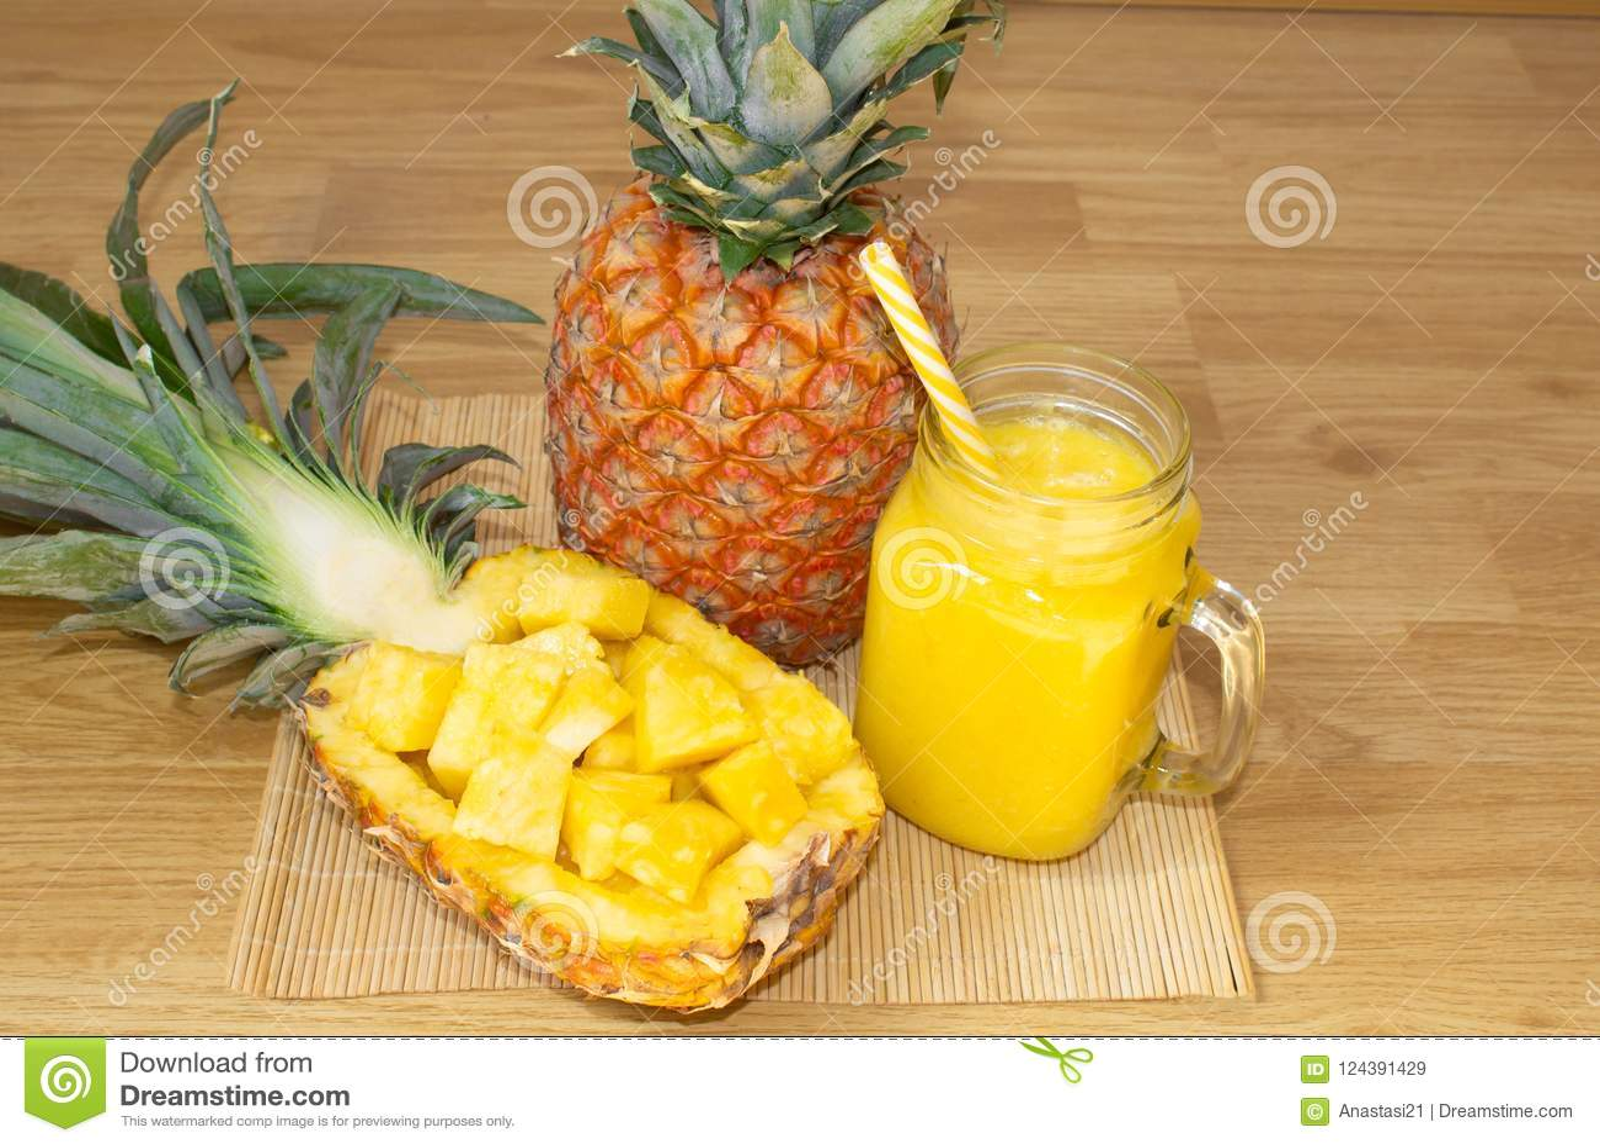 1 жизнь все еще Сок ананаса, smoothies с свежим ананасом для завтрака в утре на деревянном столе Вытрезвитель